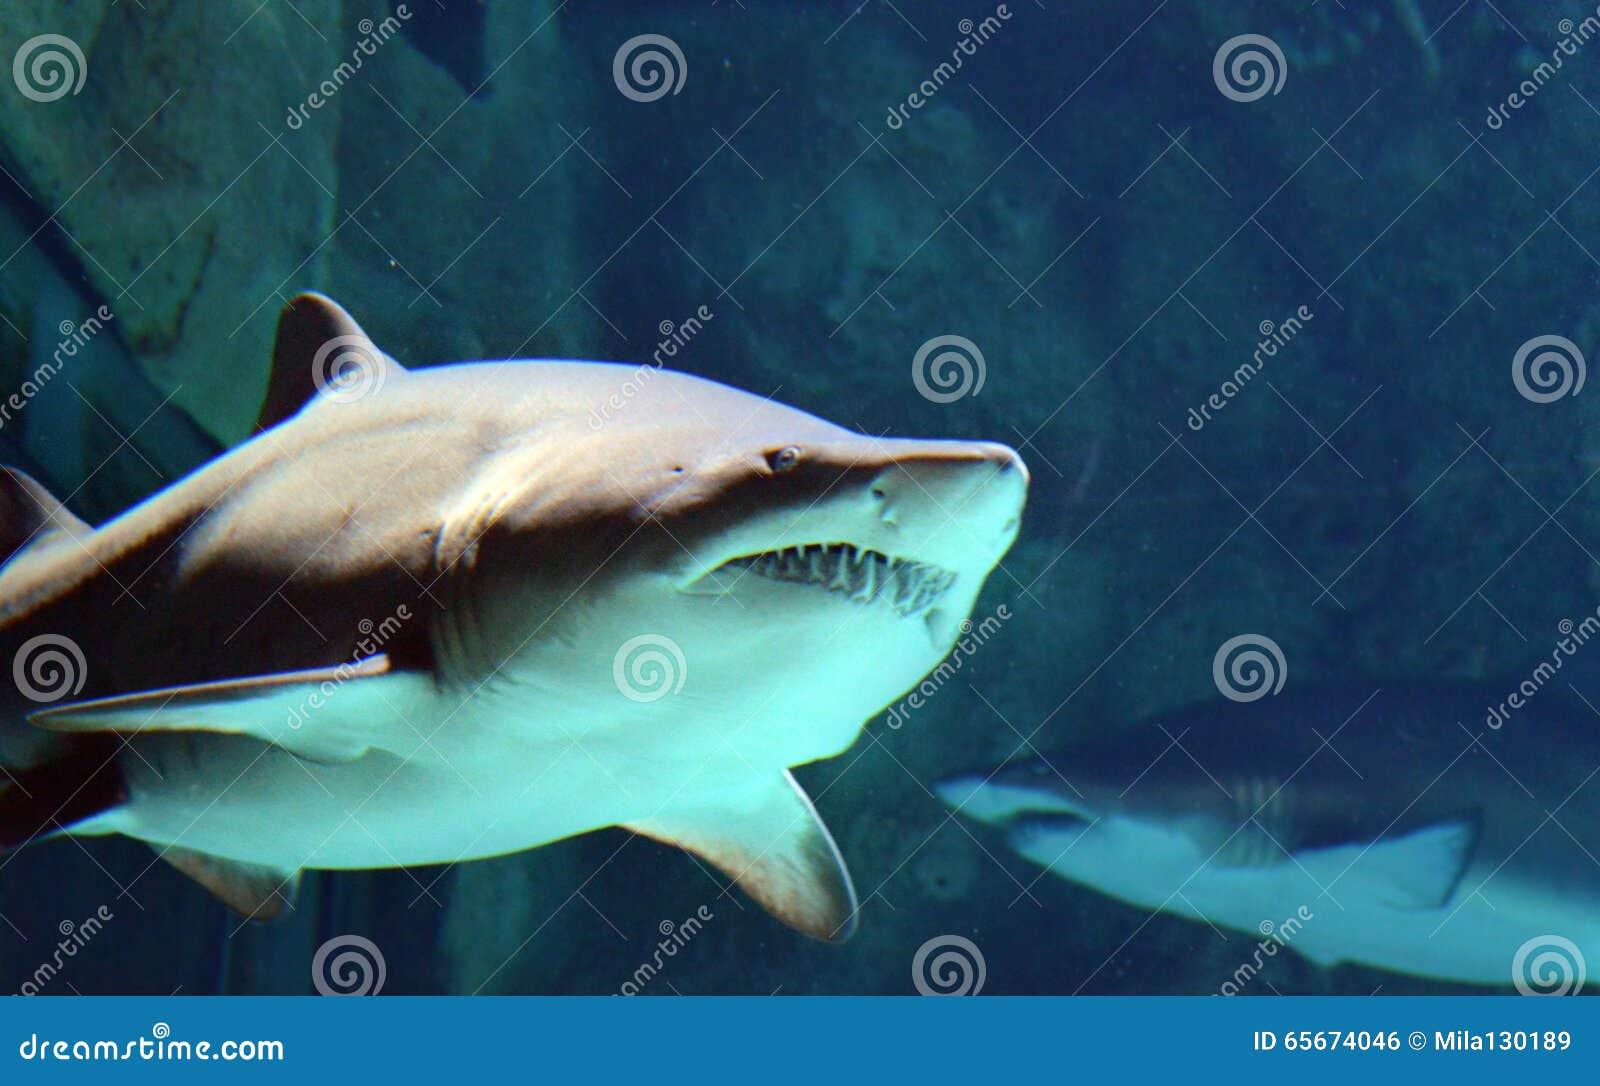 Adesivo Boca De Tubarão ~ Tubar u00e3o Com Boca Aberta Foto de Stock Imagem 65674046